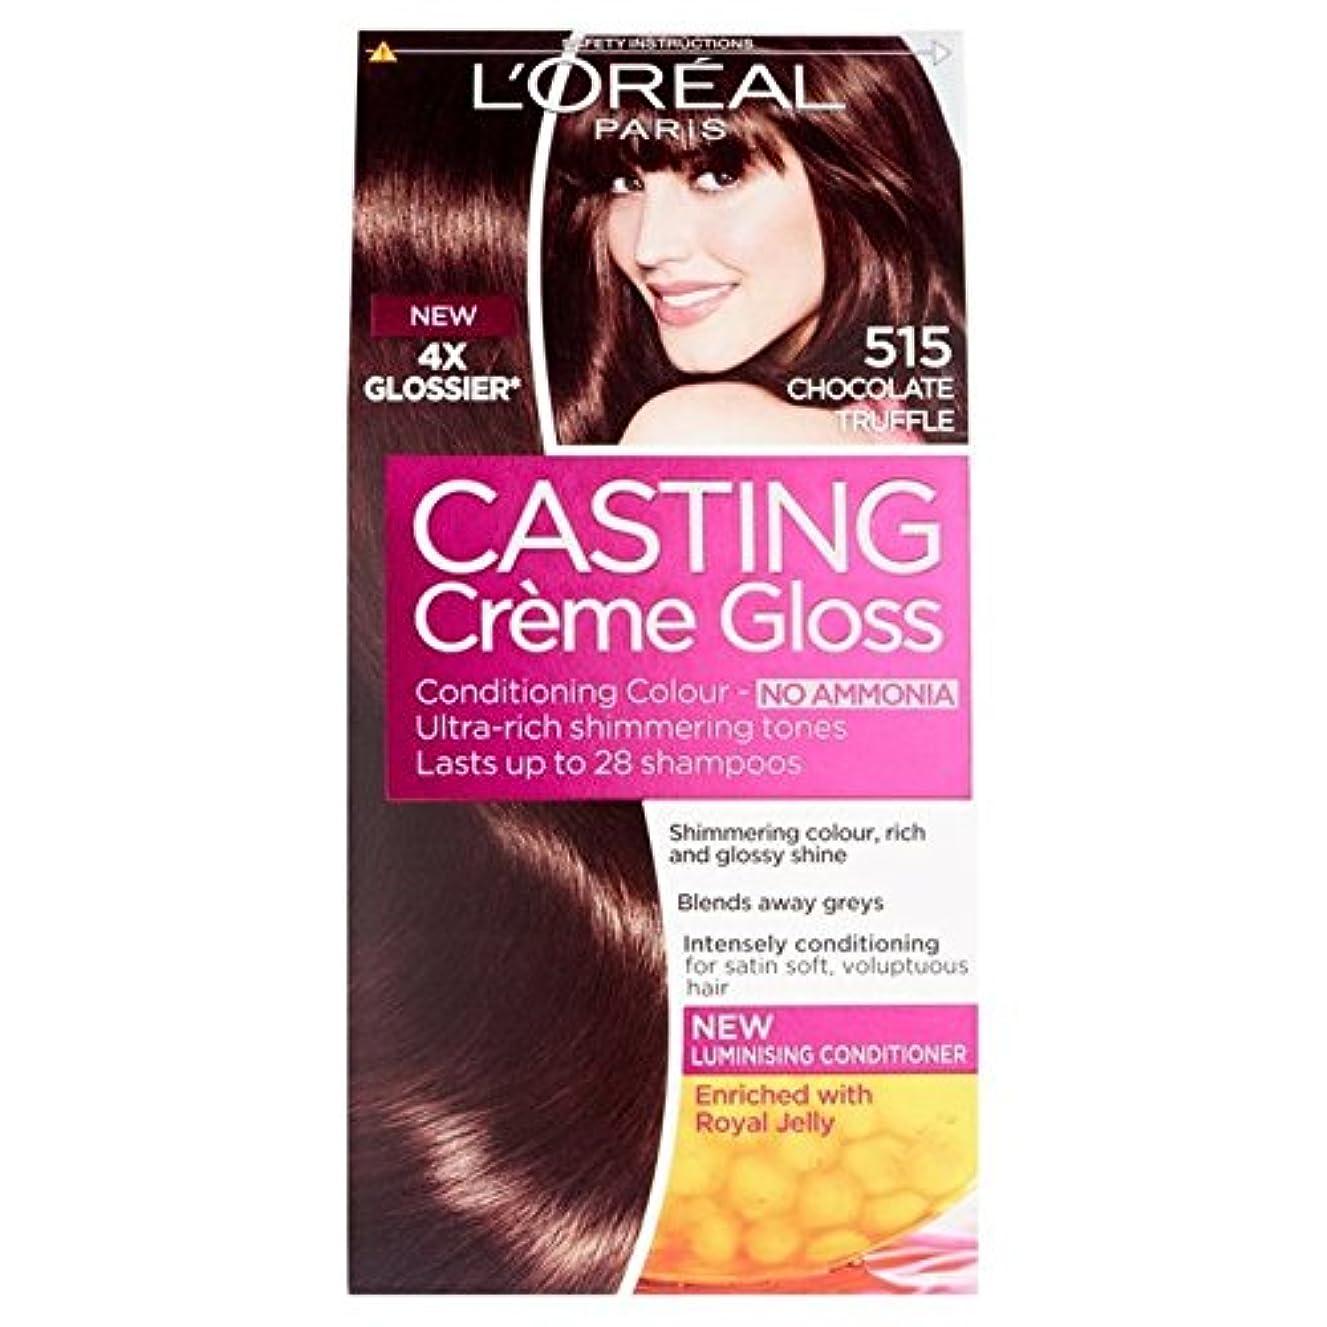 系統的結婚パフL'Oreal Casting Creme Gloss Choc Truffle 515 (Pack of 6) - ロレアルのキャスティングクリームグロスチョコトリュフ515 x6 [並行輸入品]